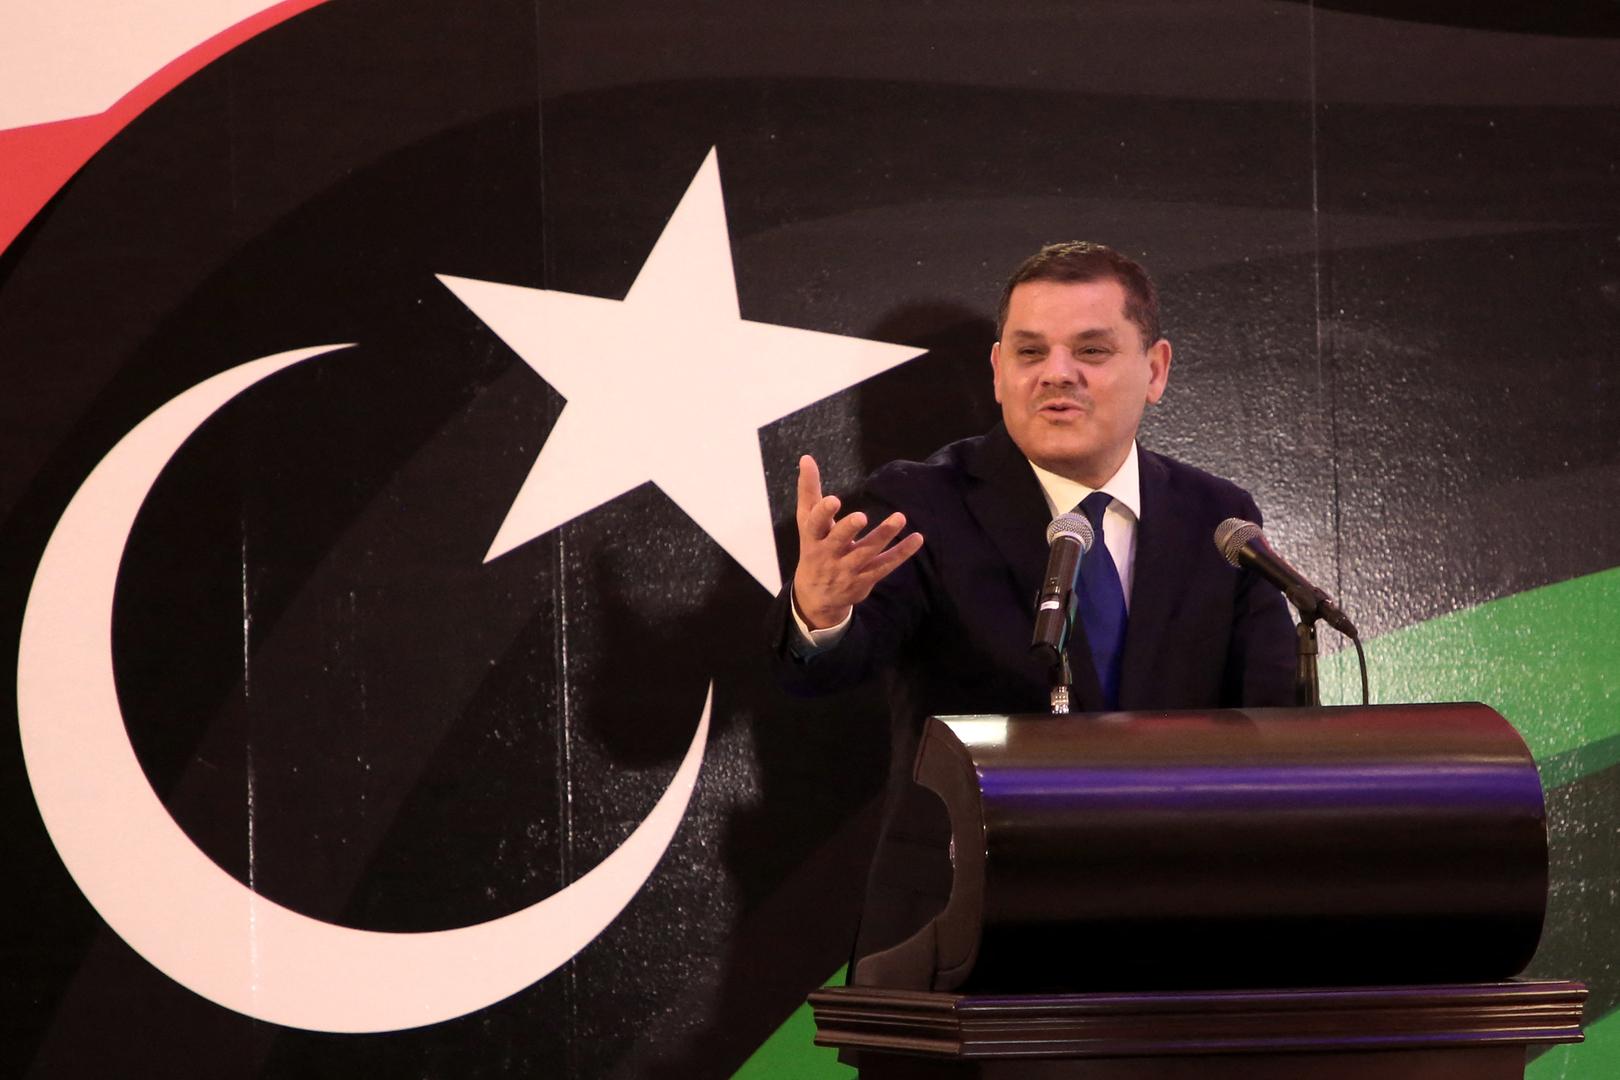 مصدر لوكالة سبوتنيك: رئيس الوزراء الليبي المكلف يلتقي في القاهرة برئيس الحكومة الموازية